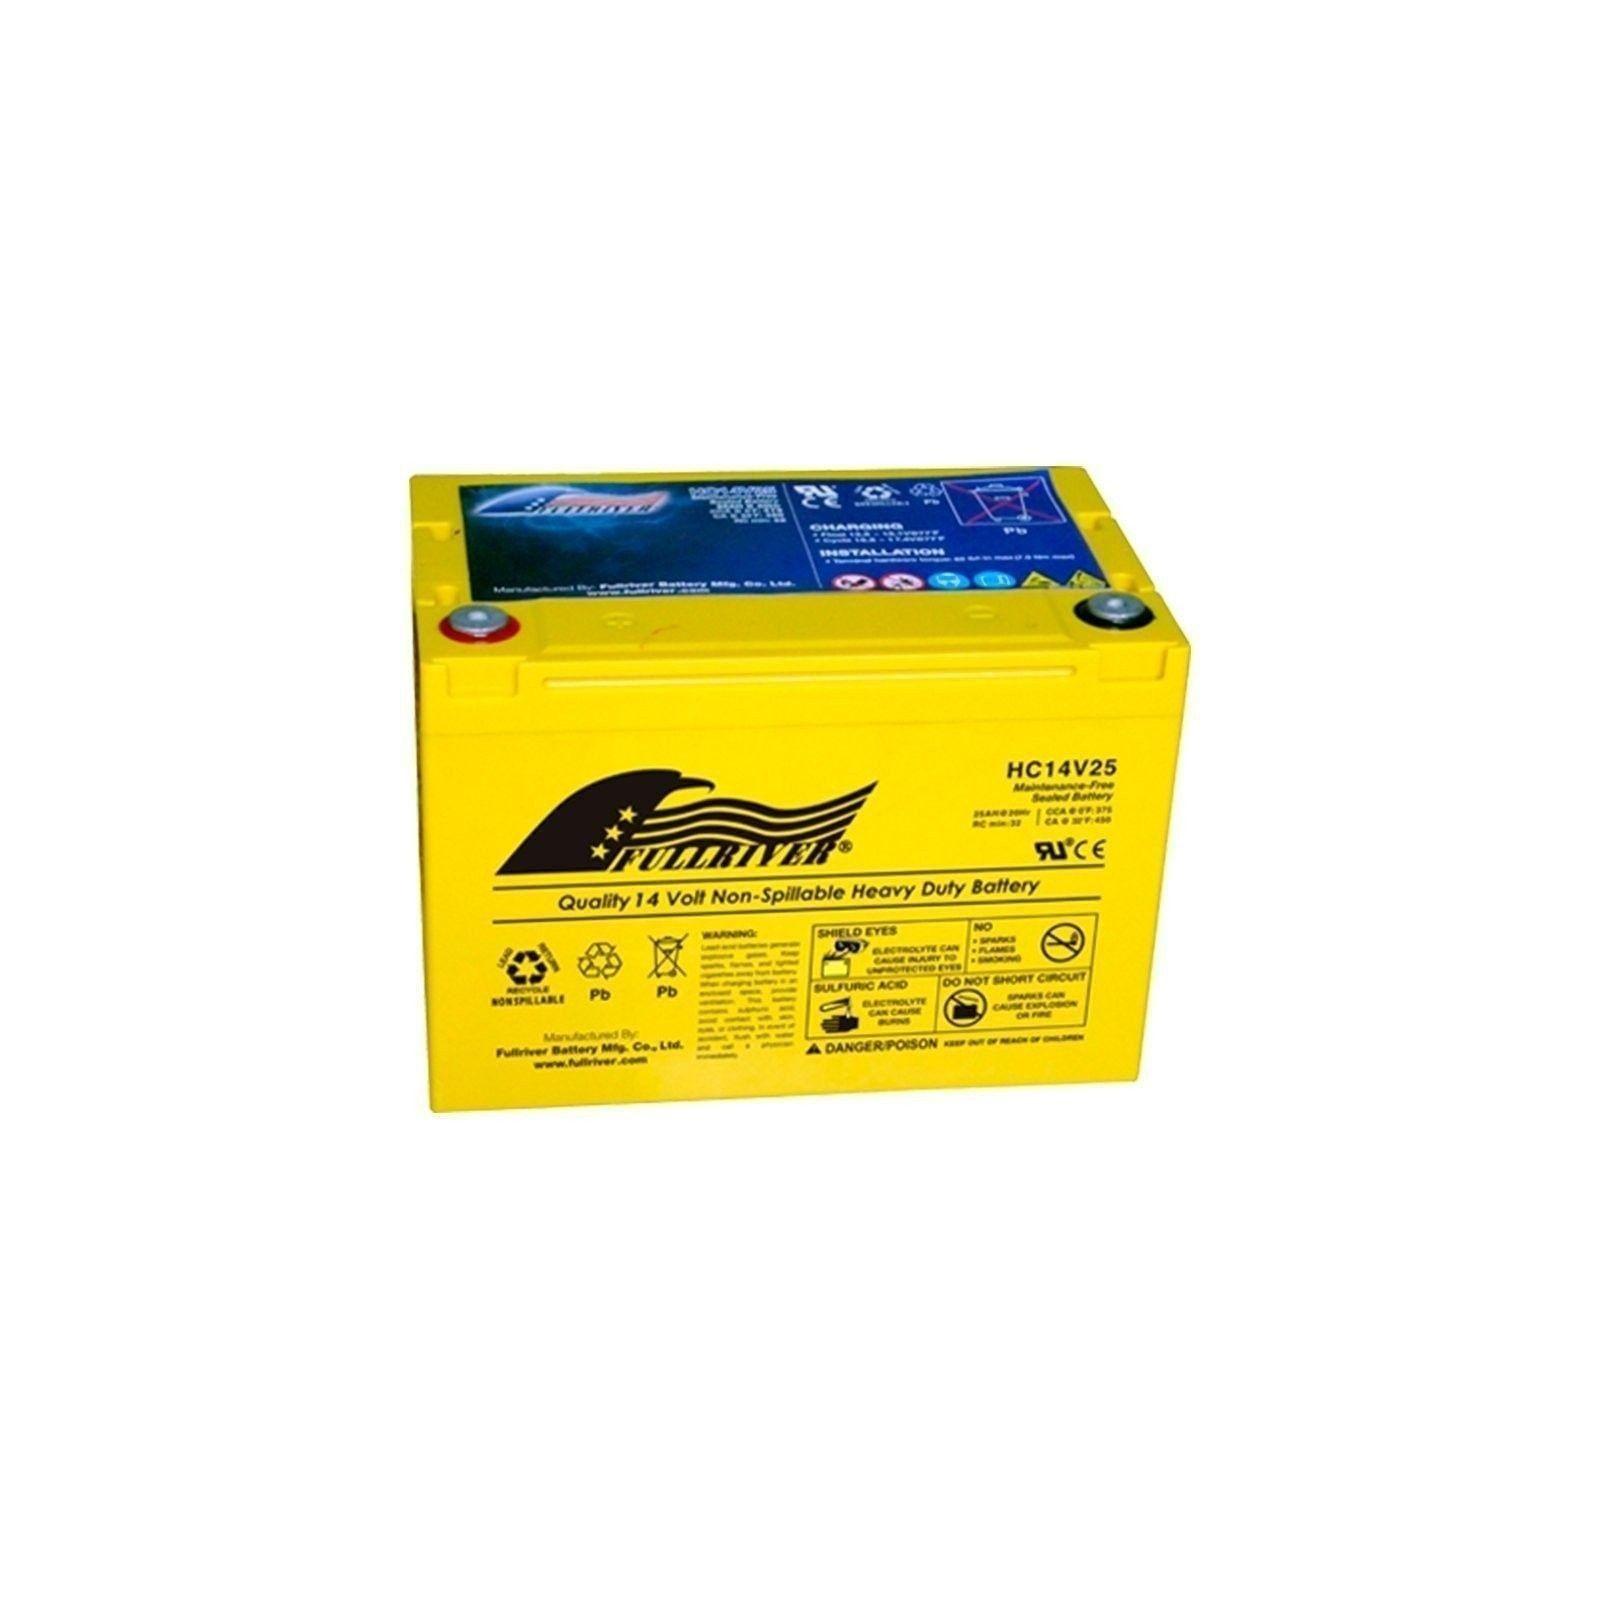 Batería Fullriver HC14V25 25Ah 375A 14V Hc FULLRIVER - 1